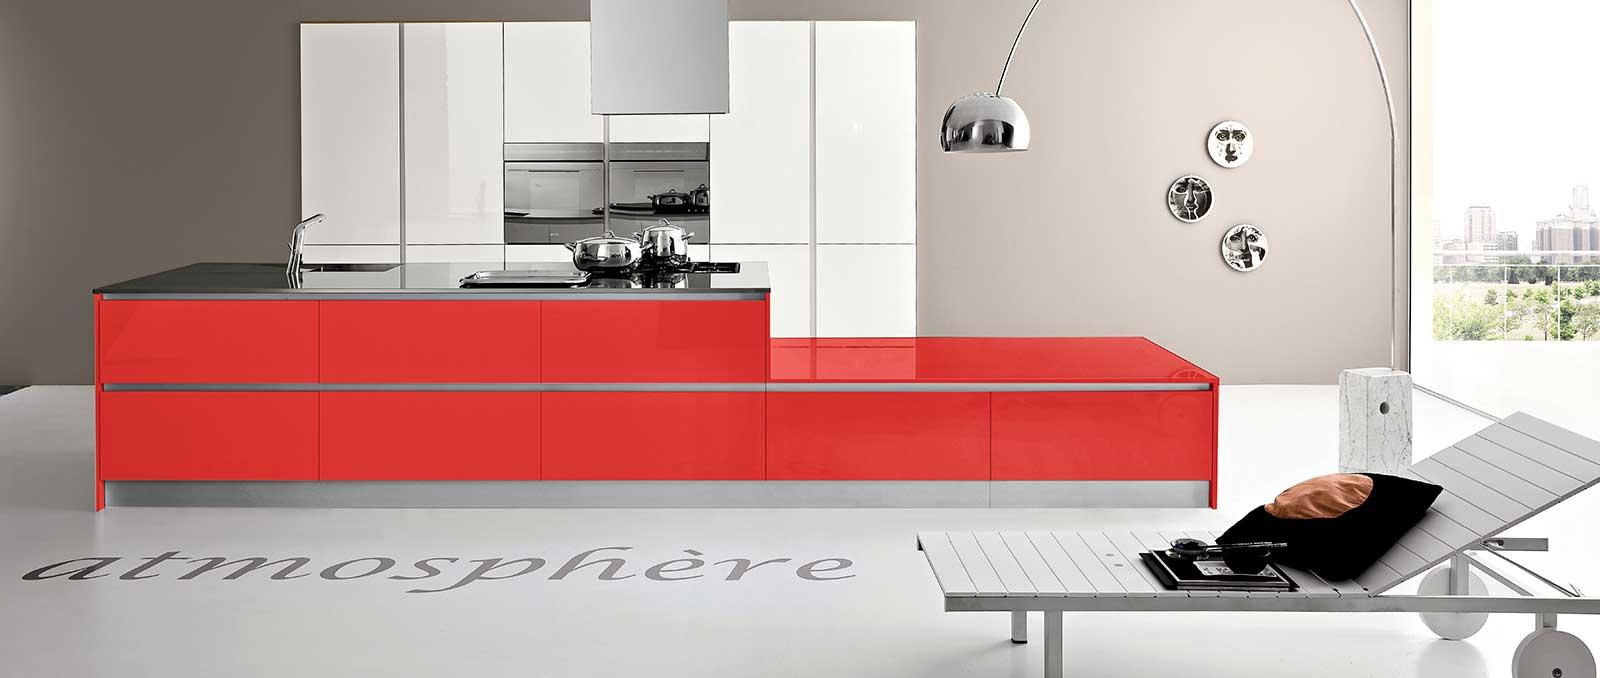 L'utilisation et l'association des couleurs laque rouge et blanc et des matériaux répond aux exigences de l'architecture moderne de la cuisine actuelle.